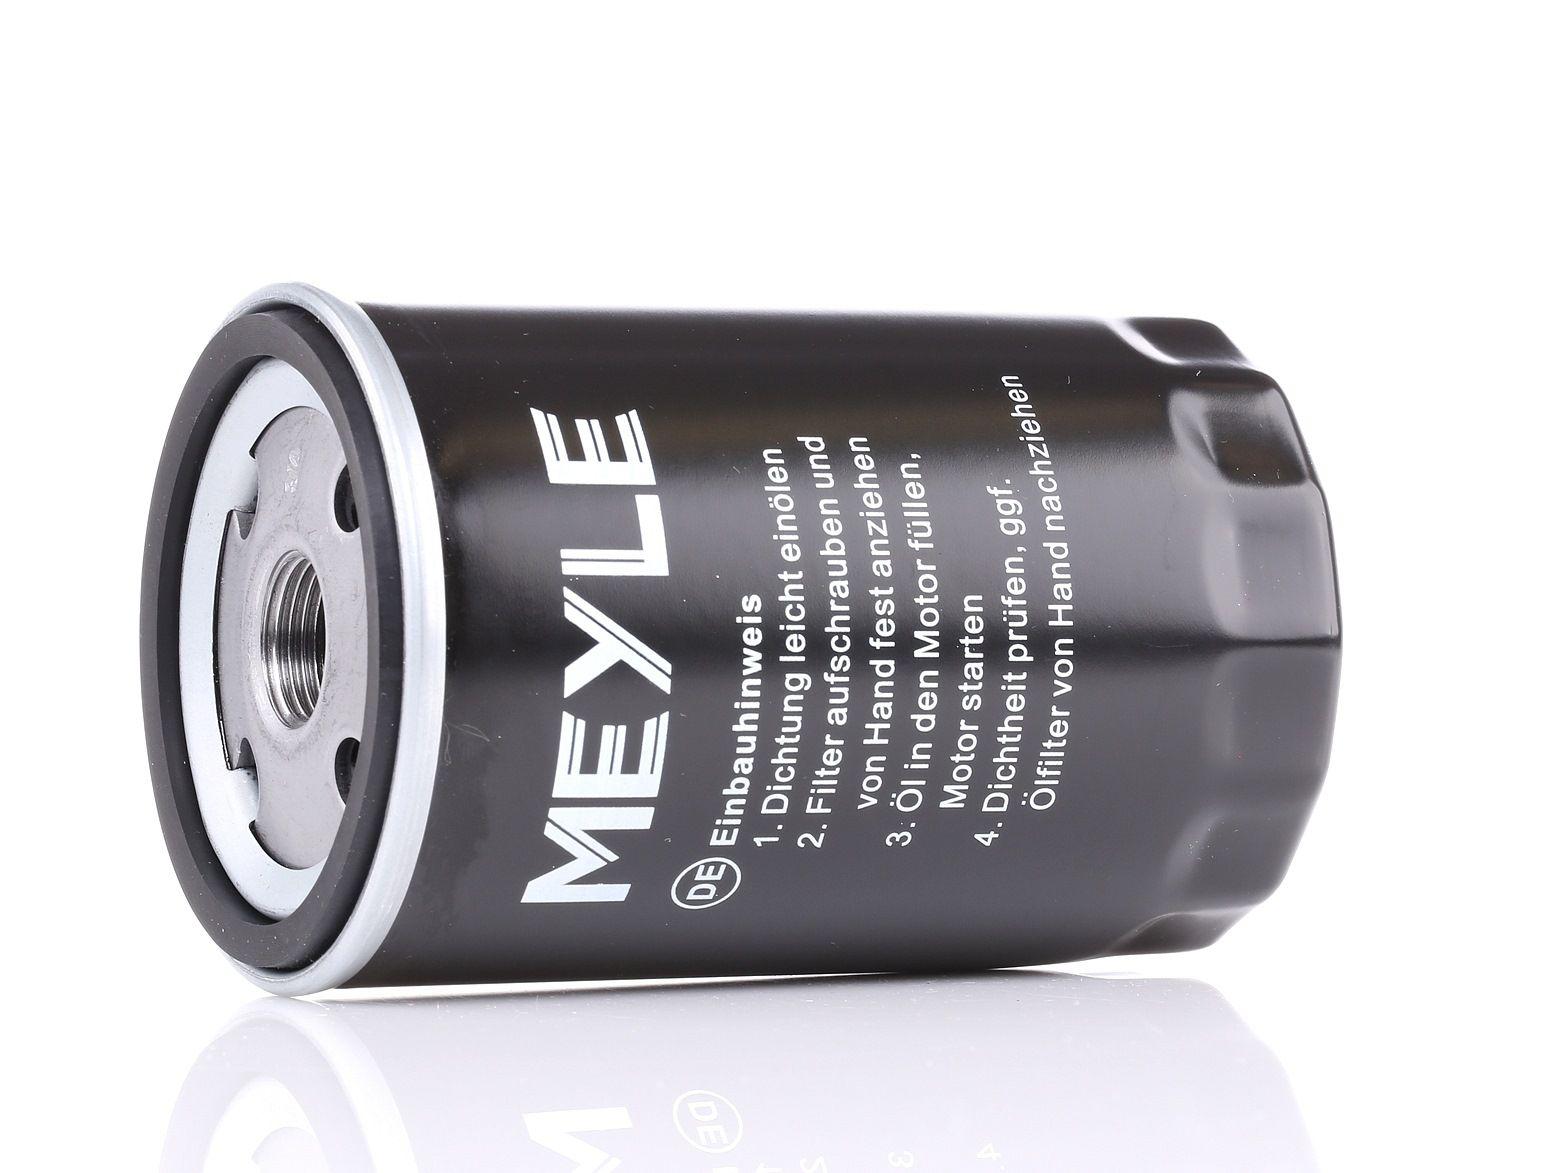 Achetez Filtre à huile MEYLE 100 115 0001 (Ø: 76mm, Ø: 76mm, Hauteur: 118,5mm) à un rapport qualité-prix exceptionnel